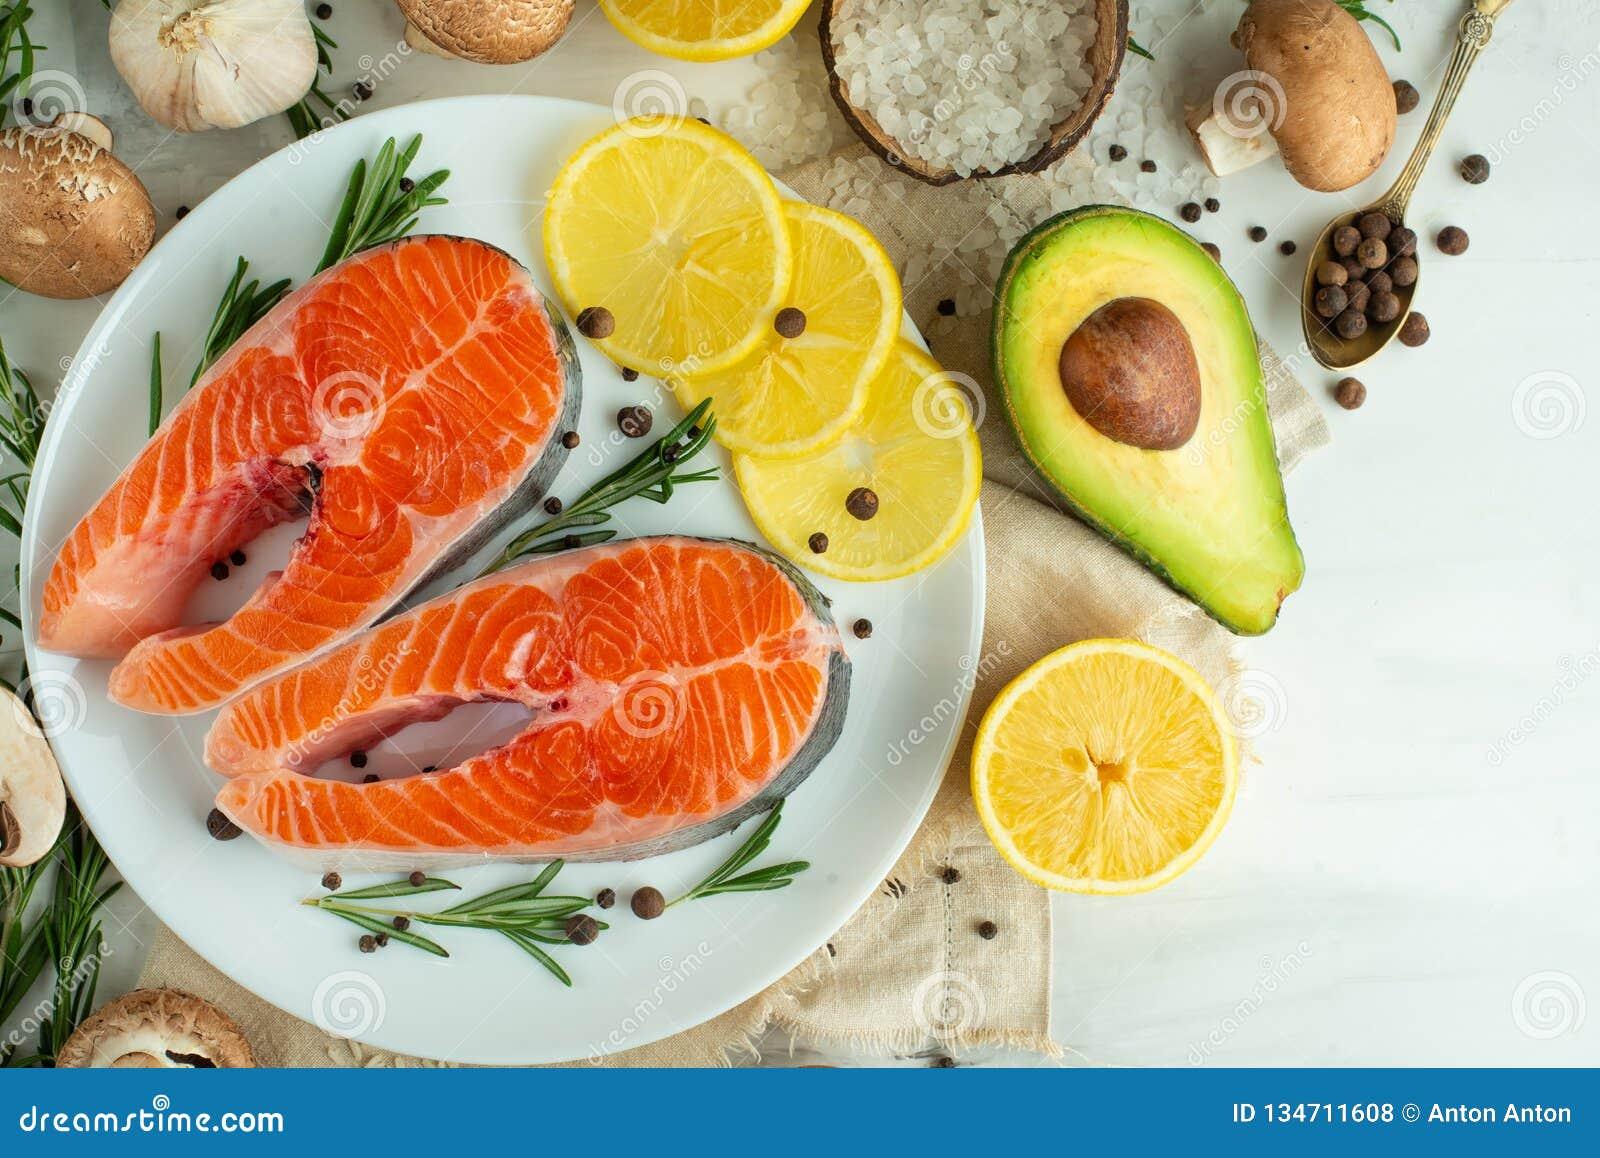 Очень вкусные стейки свежих рыб, семги, форель С овощами, гастрономом, едой vegan, диетой и Dotex